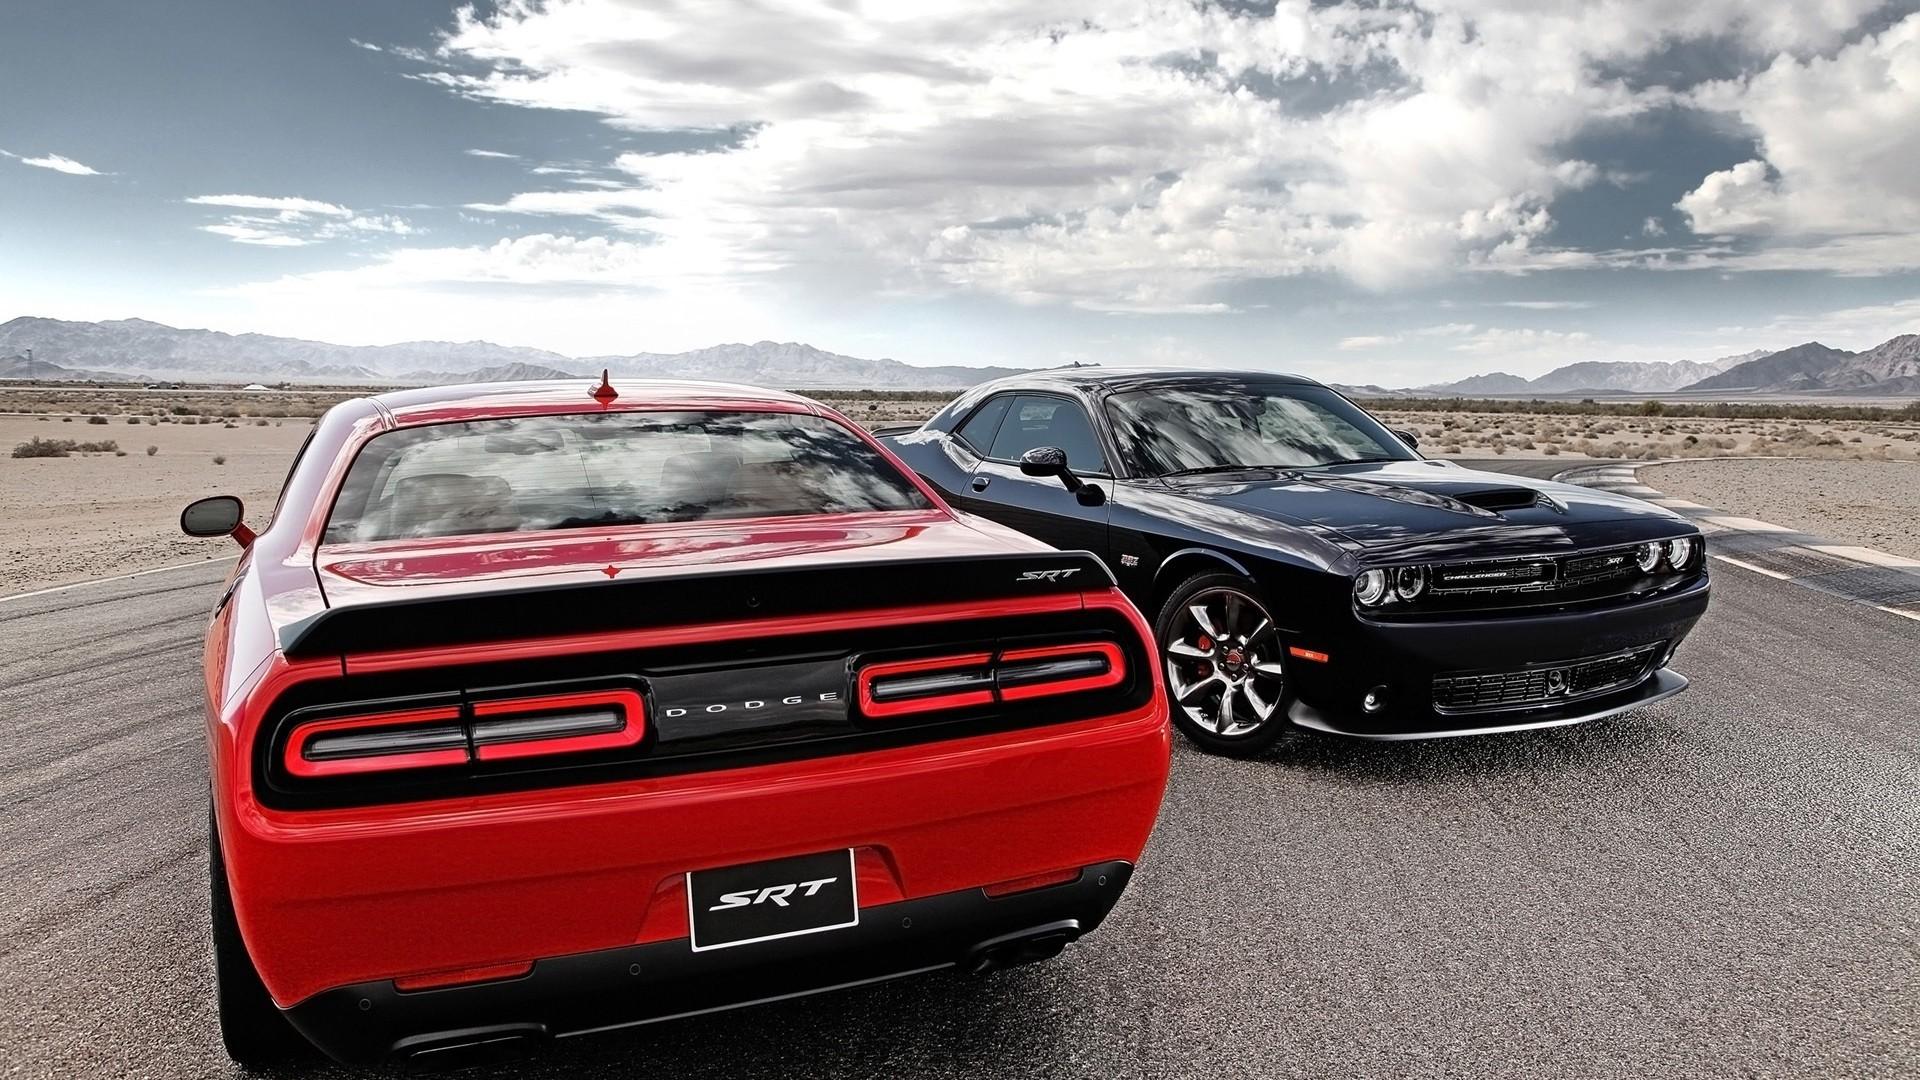 Dodge Challenger Srt Hellcat Wallpaper Full HD